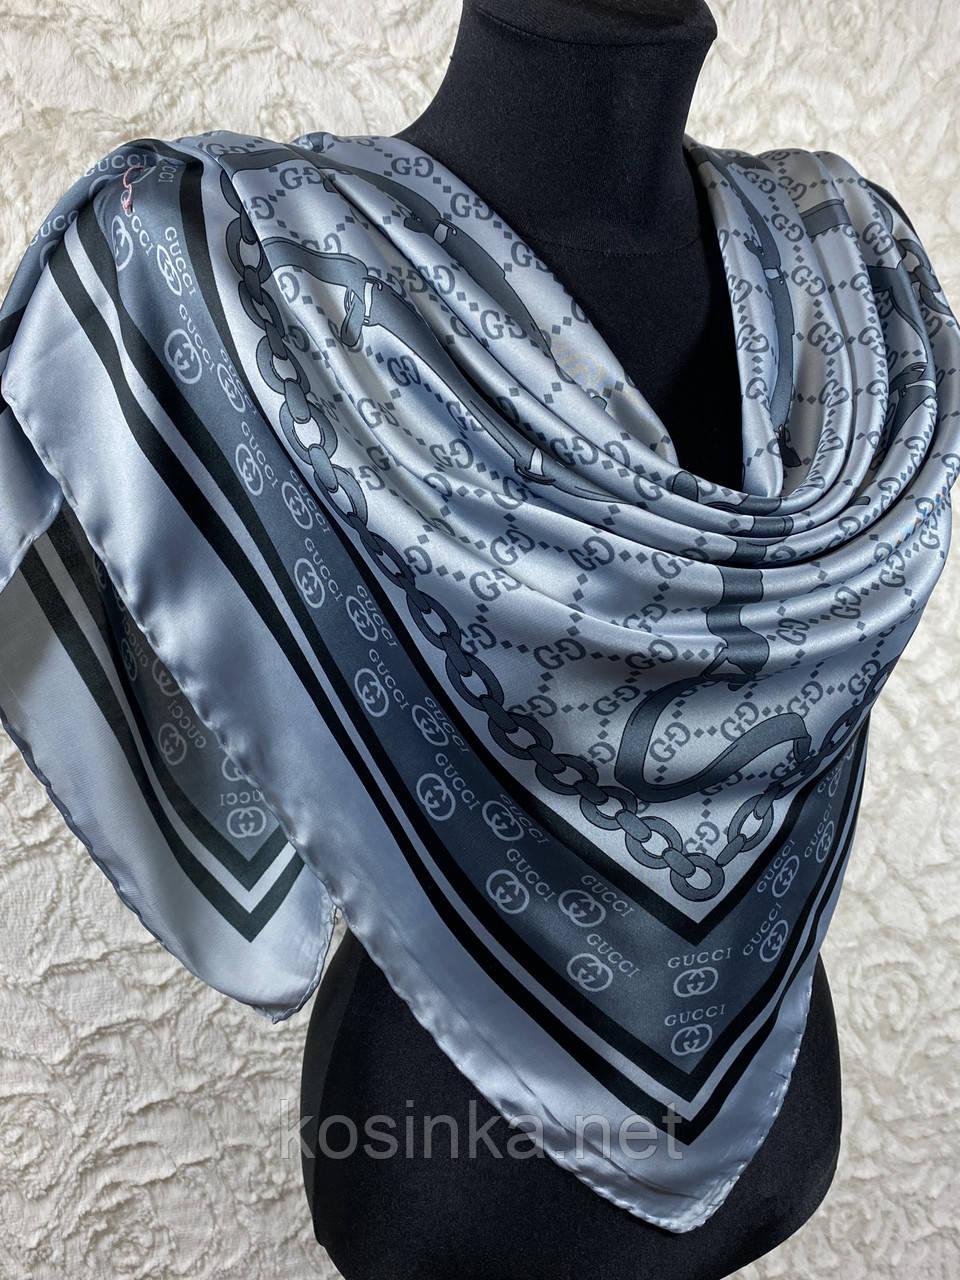 Турецький брендовий хустку Gucci в сірому кольорі 90х90 см (кол.4)